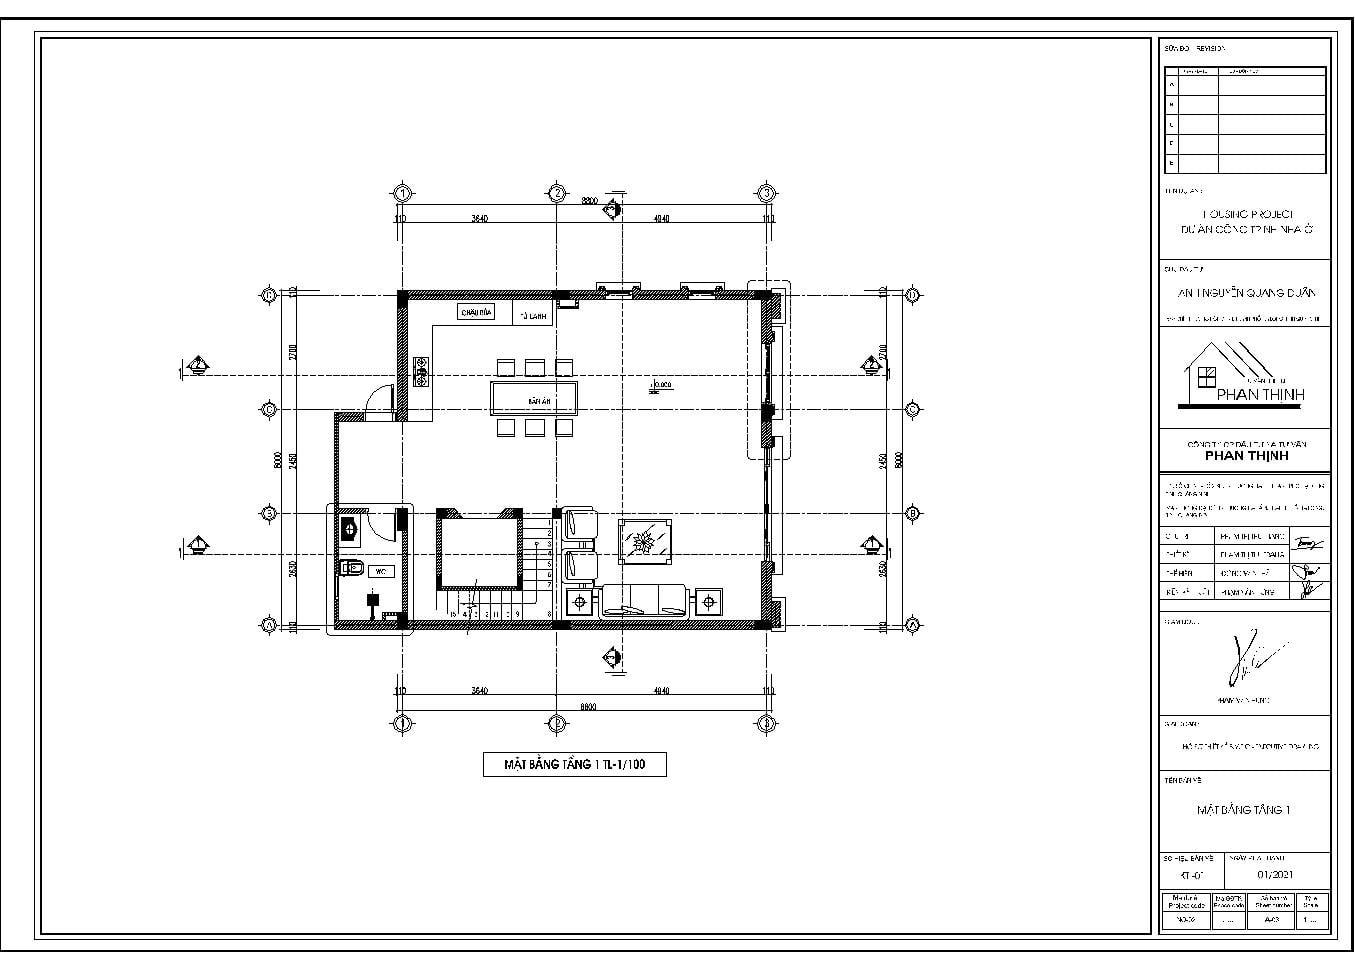 Mặt bằng tầng 1 mẫu nhà đẹp tân cổ điển